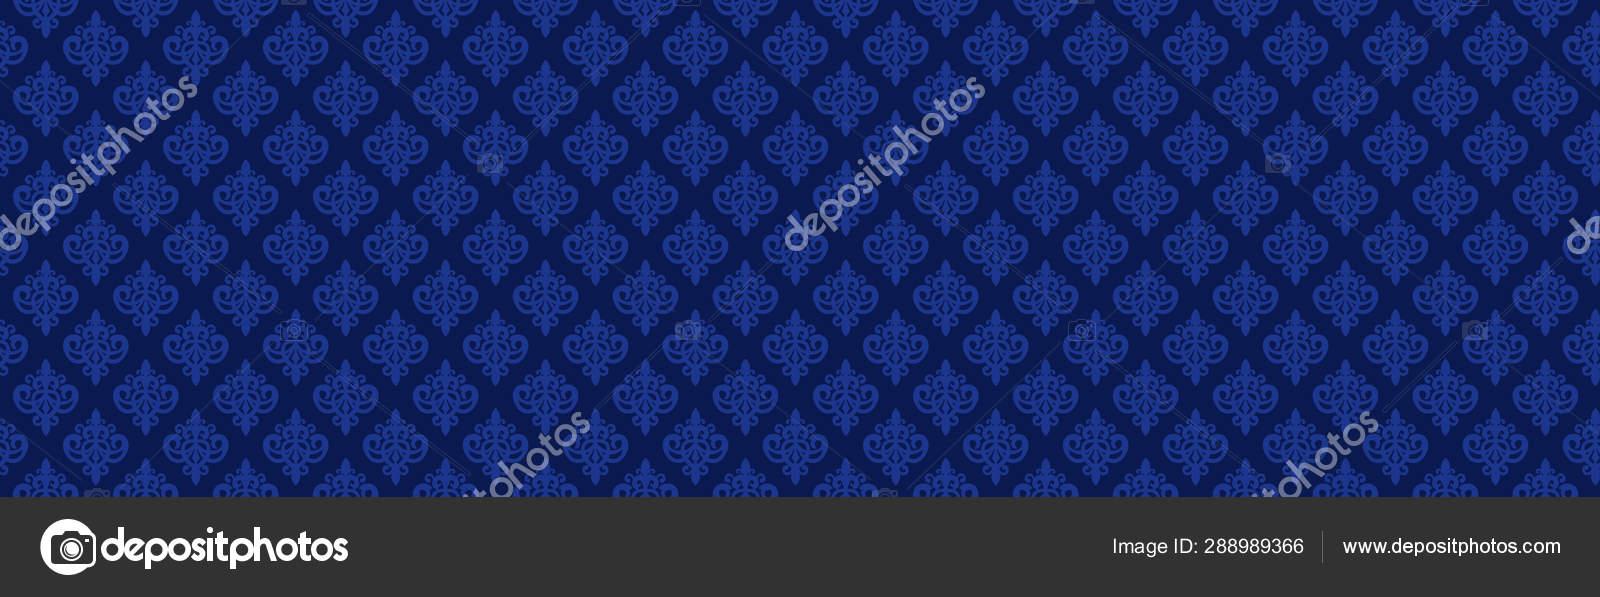 Patrón Damasco Sin Costuras Azul Marino Oscuro Fondo